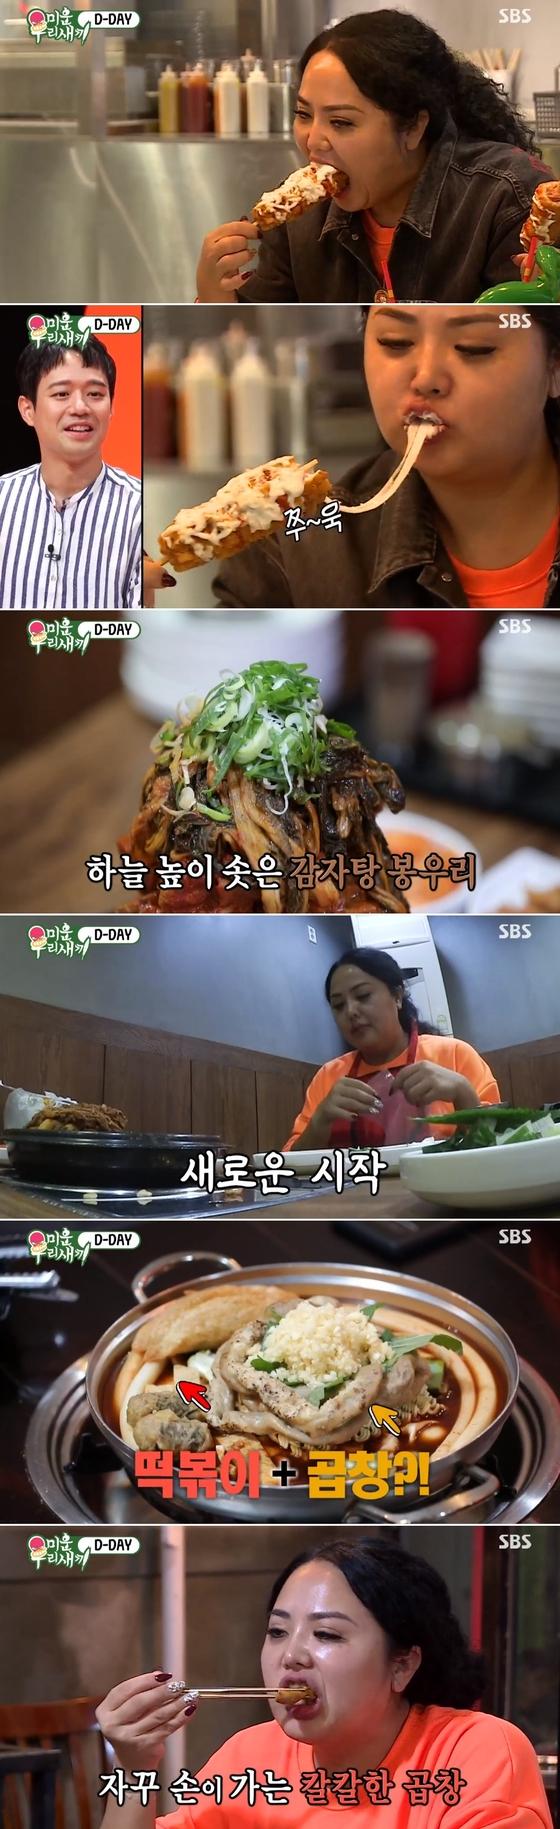 '미우새' 홍선영, 곱창 떡볶이+감자탕 클래스가 다른 3콤보 먹방(종합)